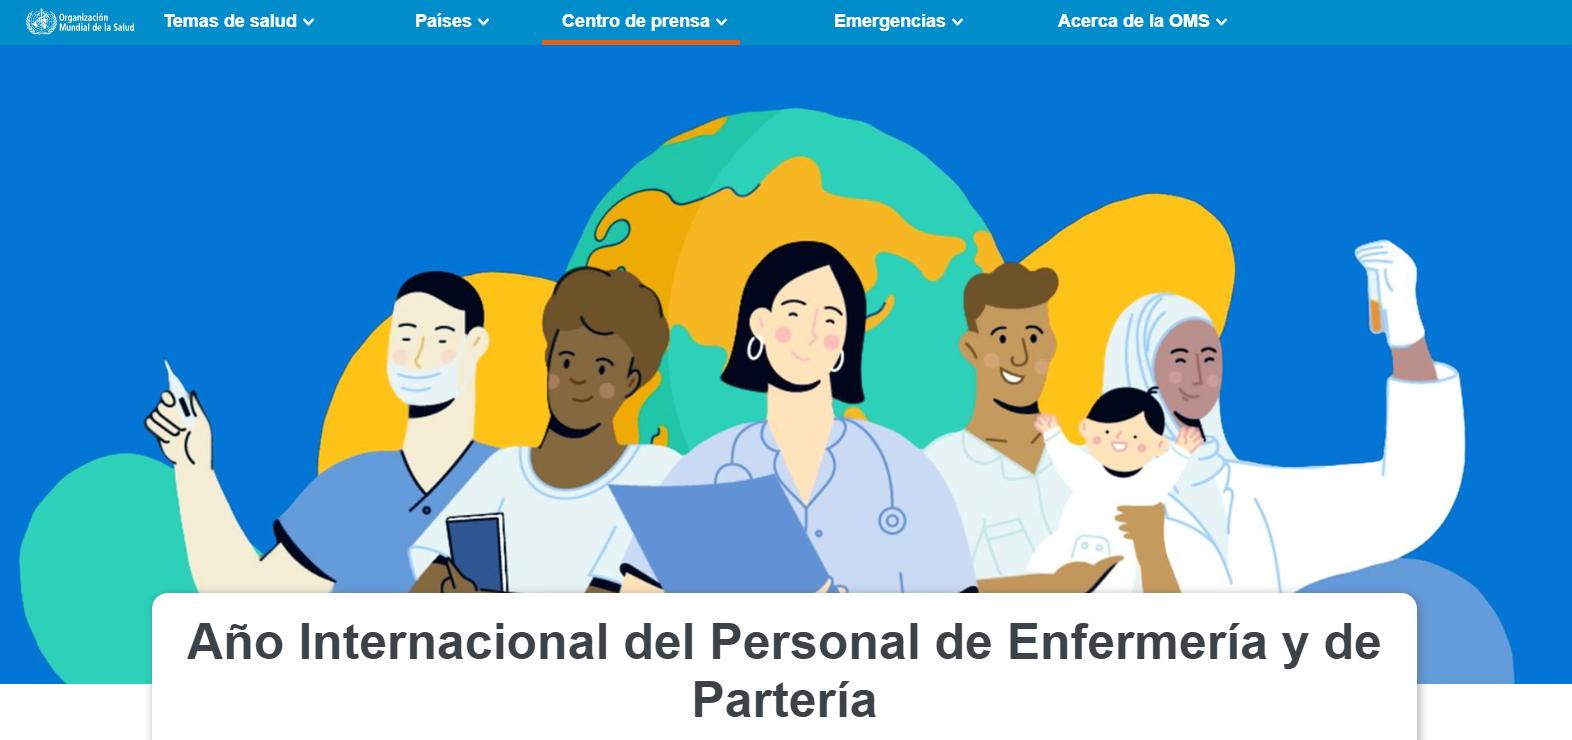 Año Internacional del Personal de Enfermería y de Partería